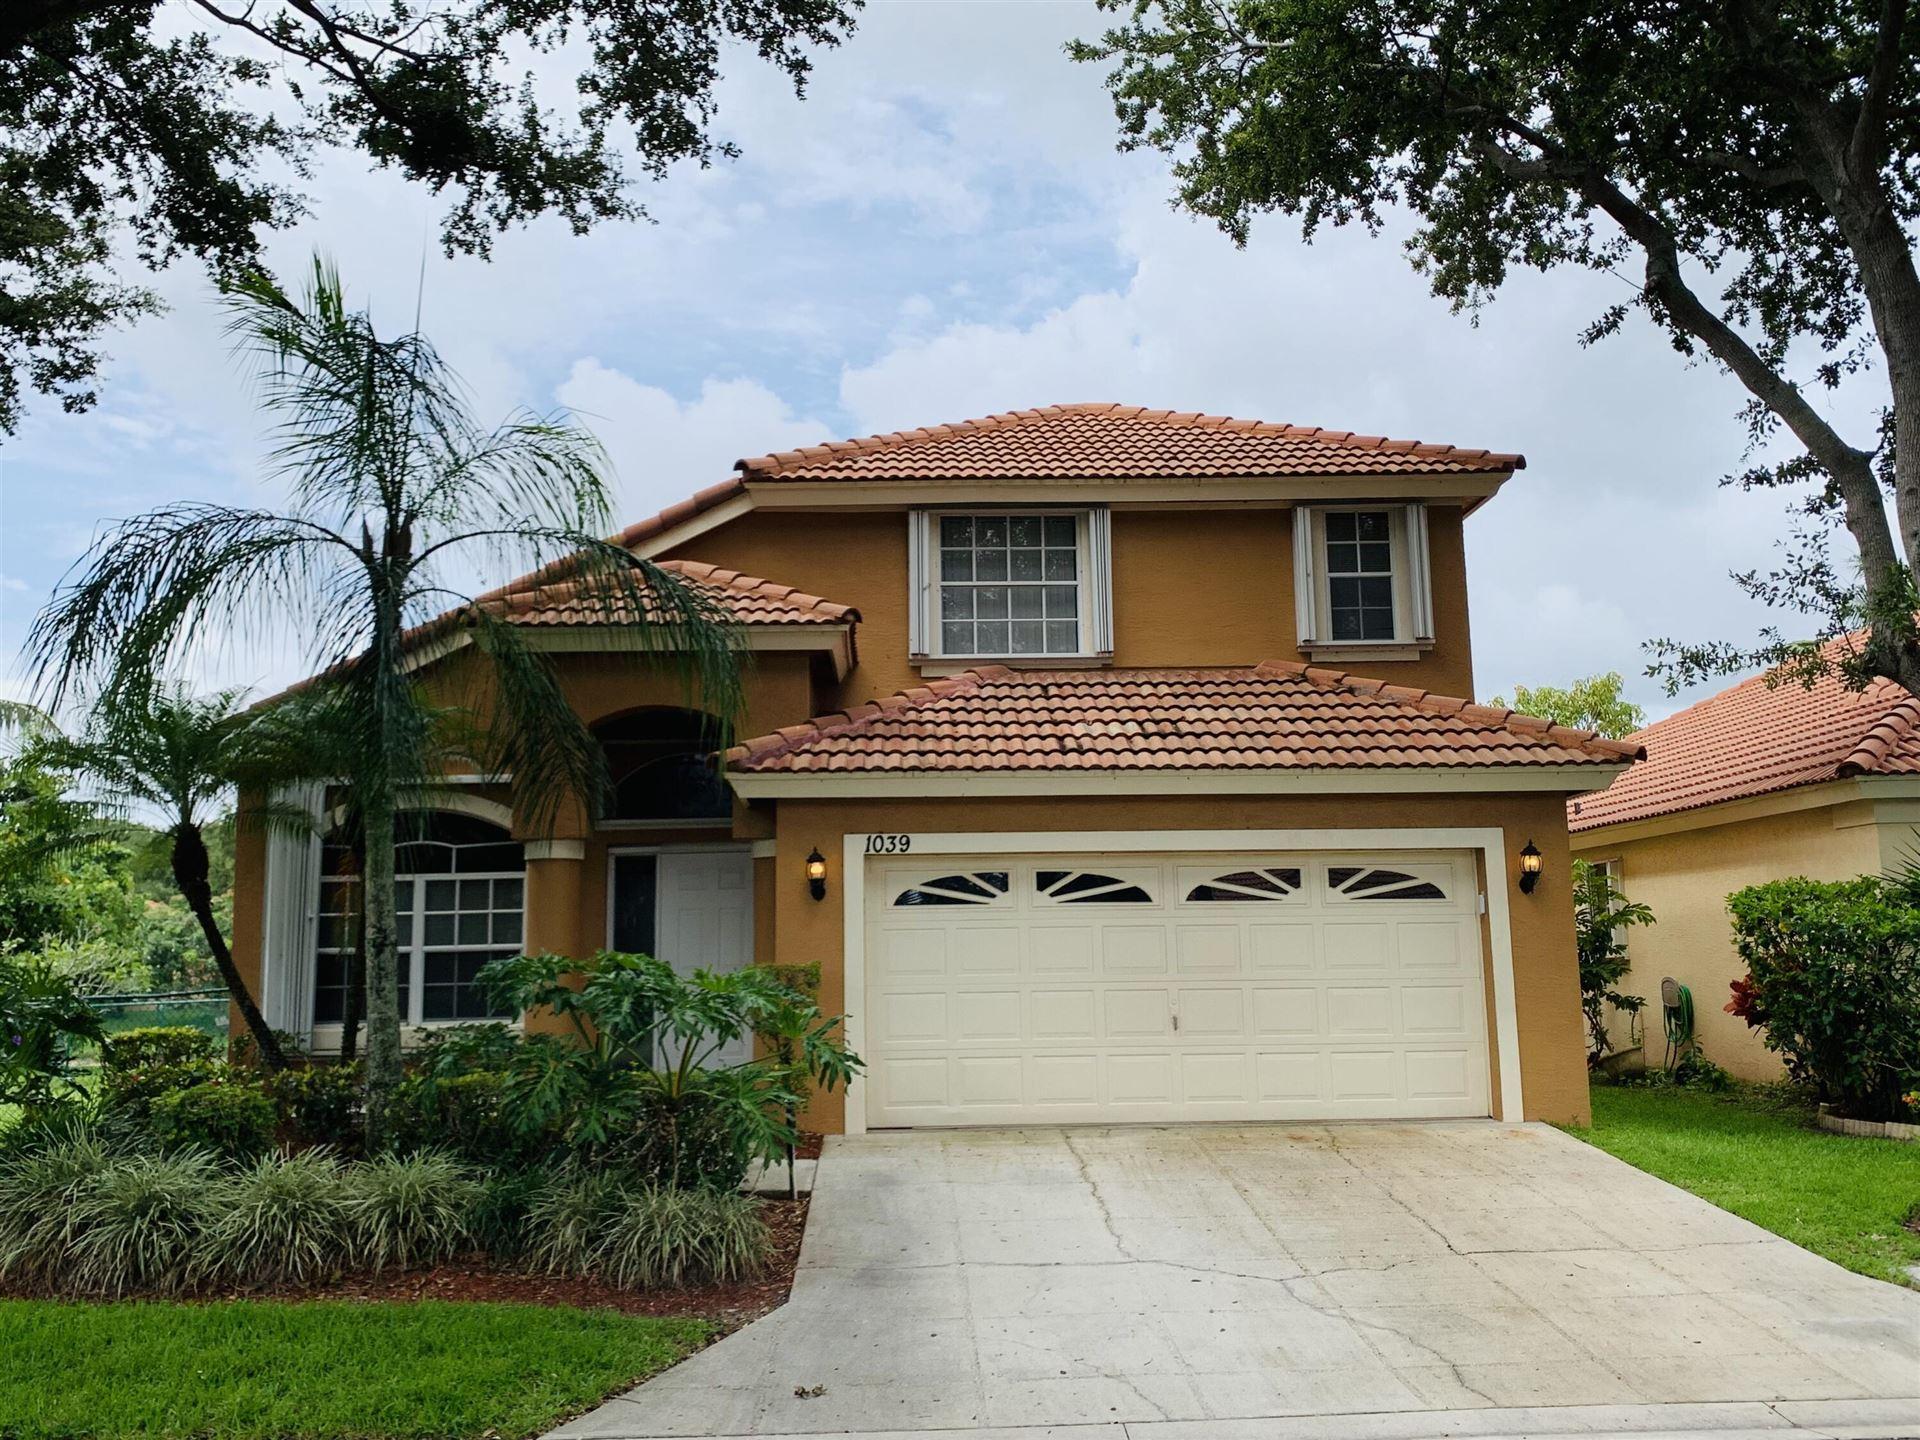 1039 Aspri Way, Riviera Beach, FL 33418 - MLS#: RX-10723700